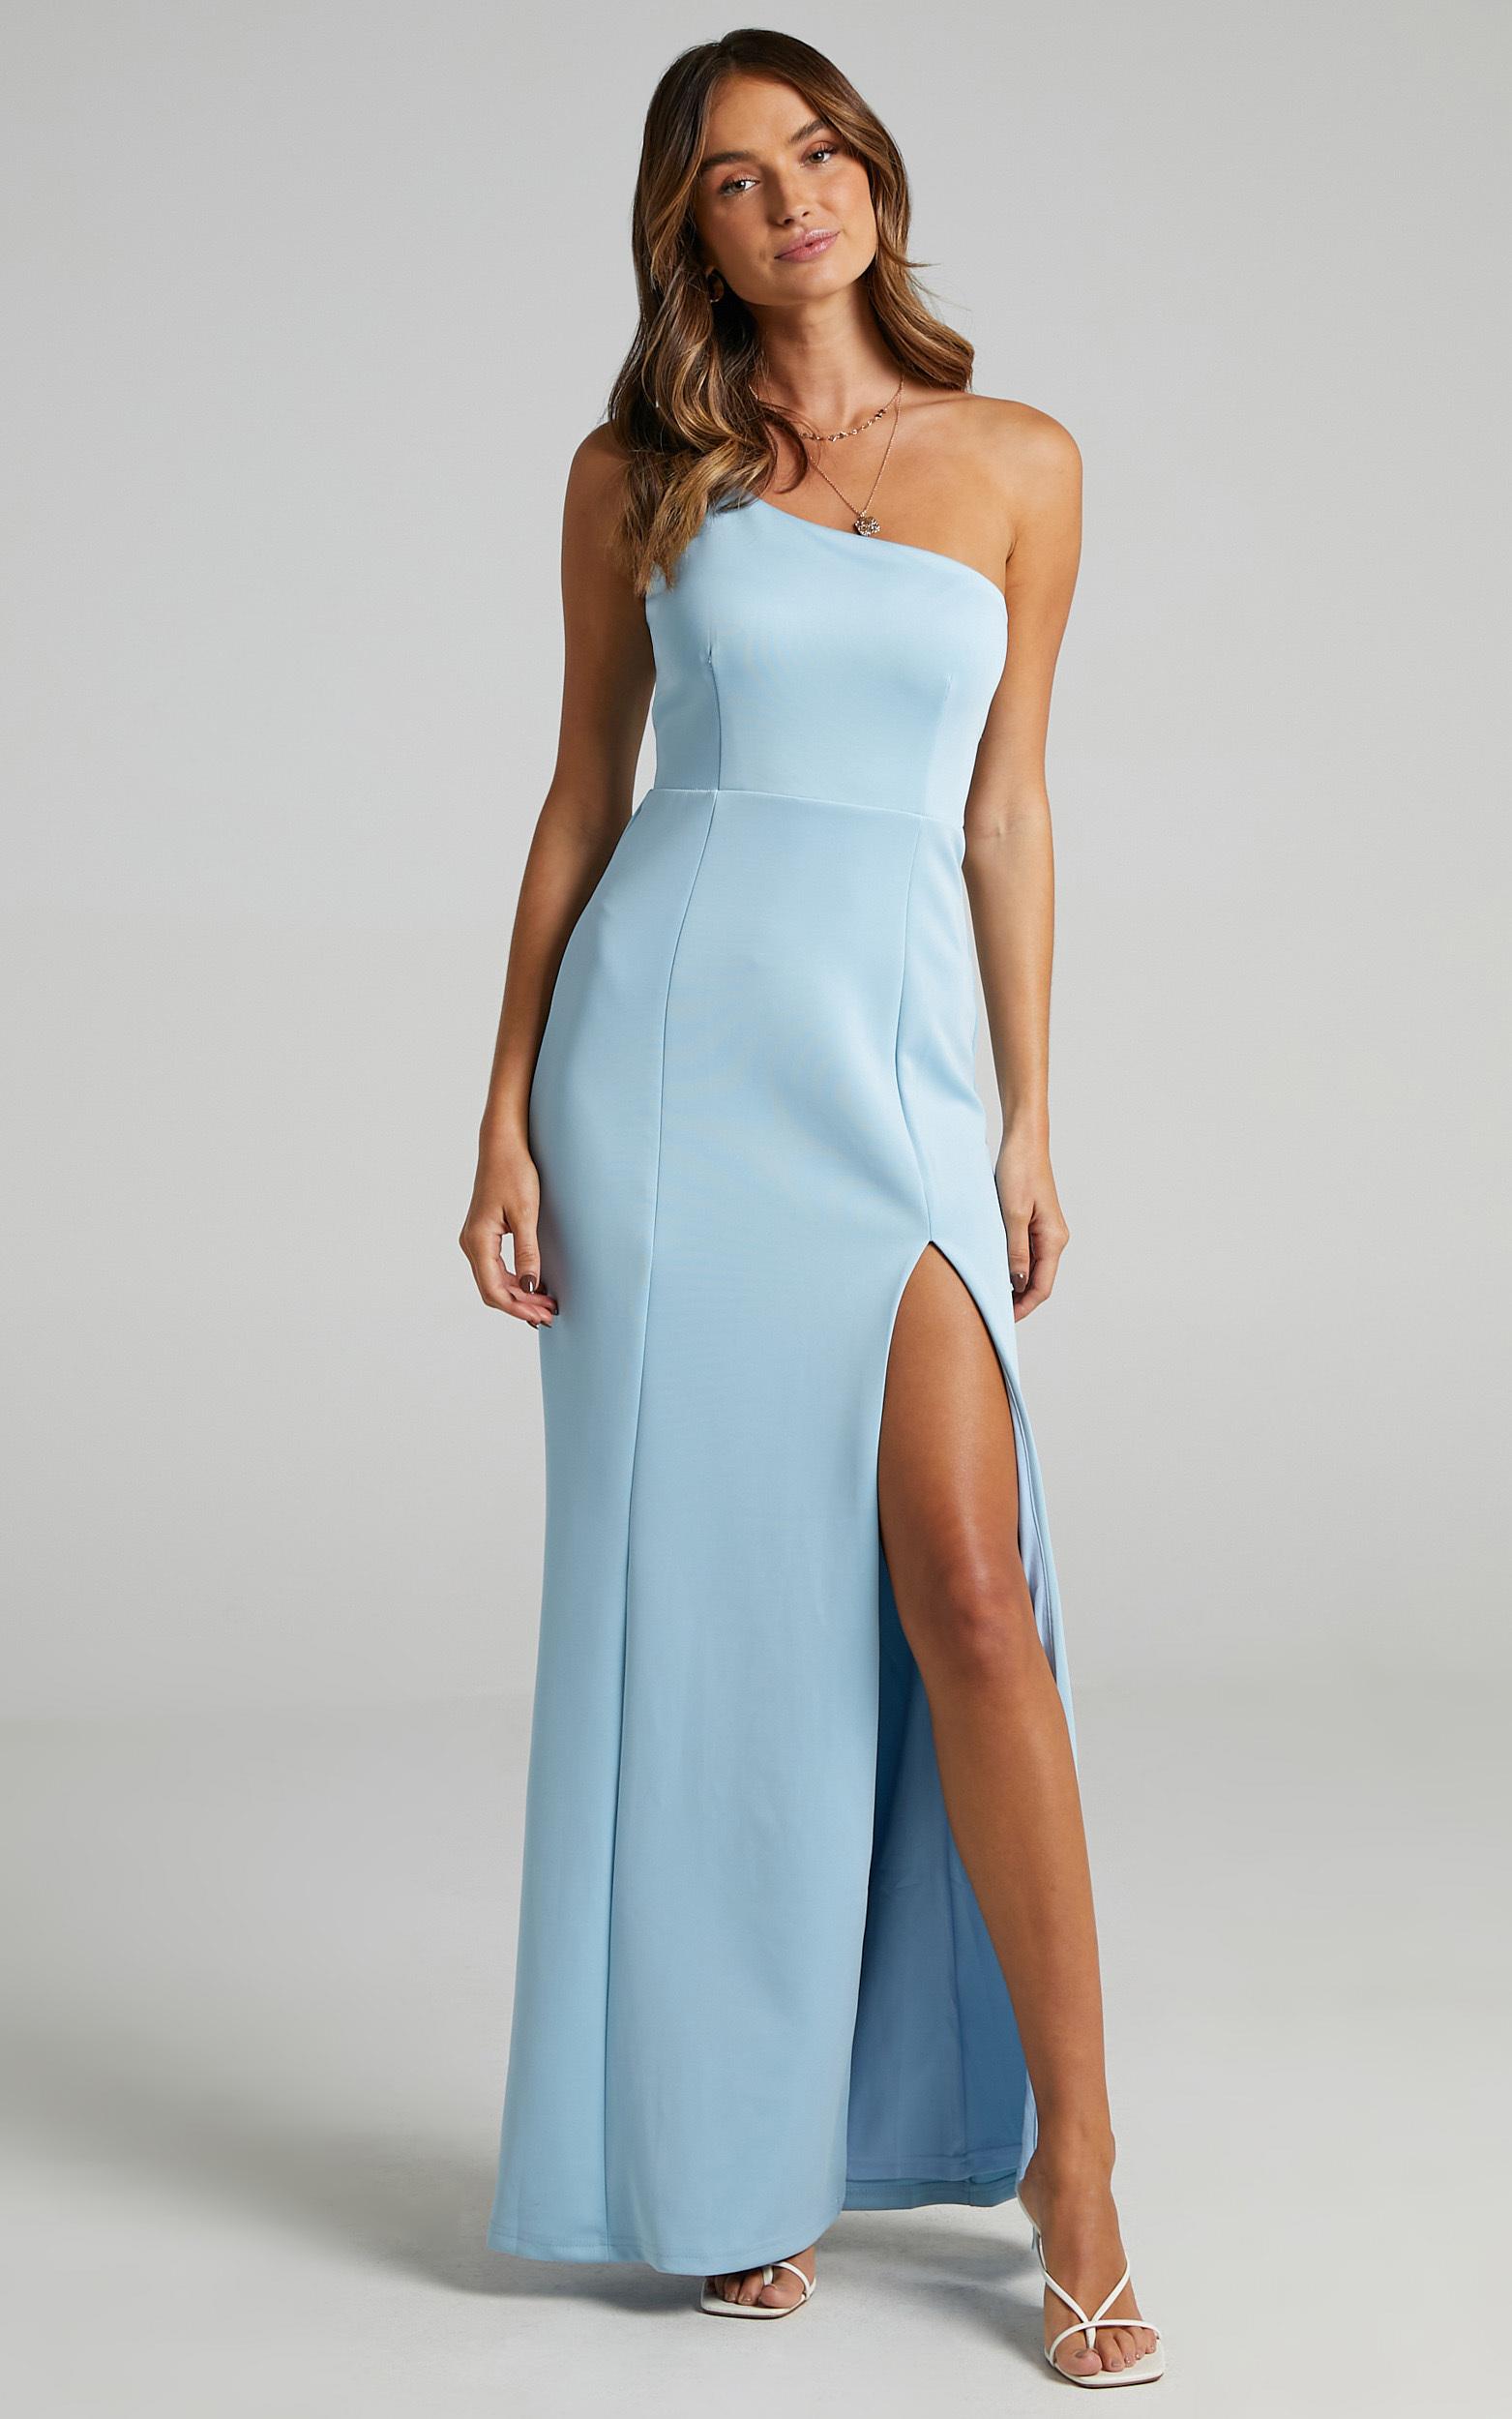 No Ones Fault One Shoulder Maxi Dress in Light Blue - 10, BLU2, hi-res image number null